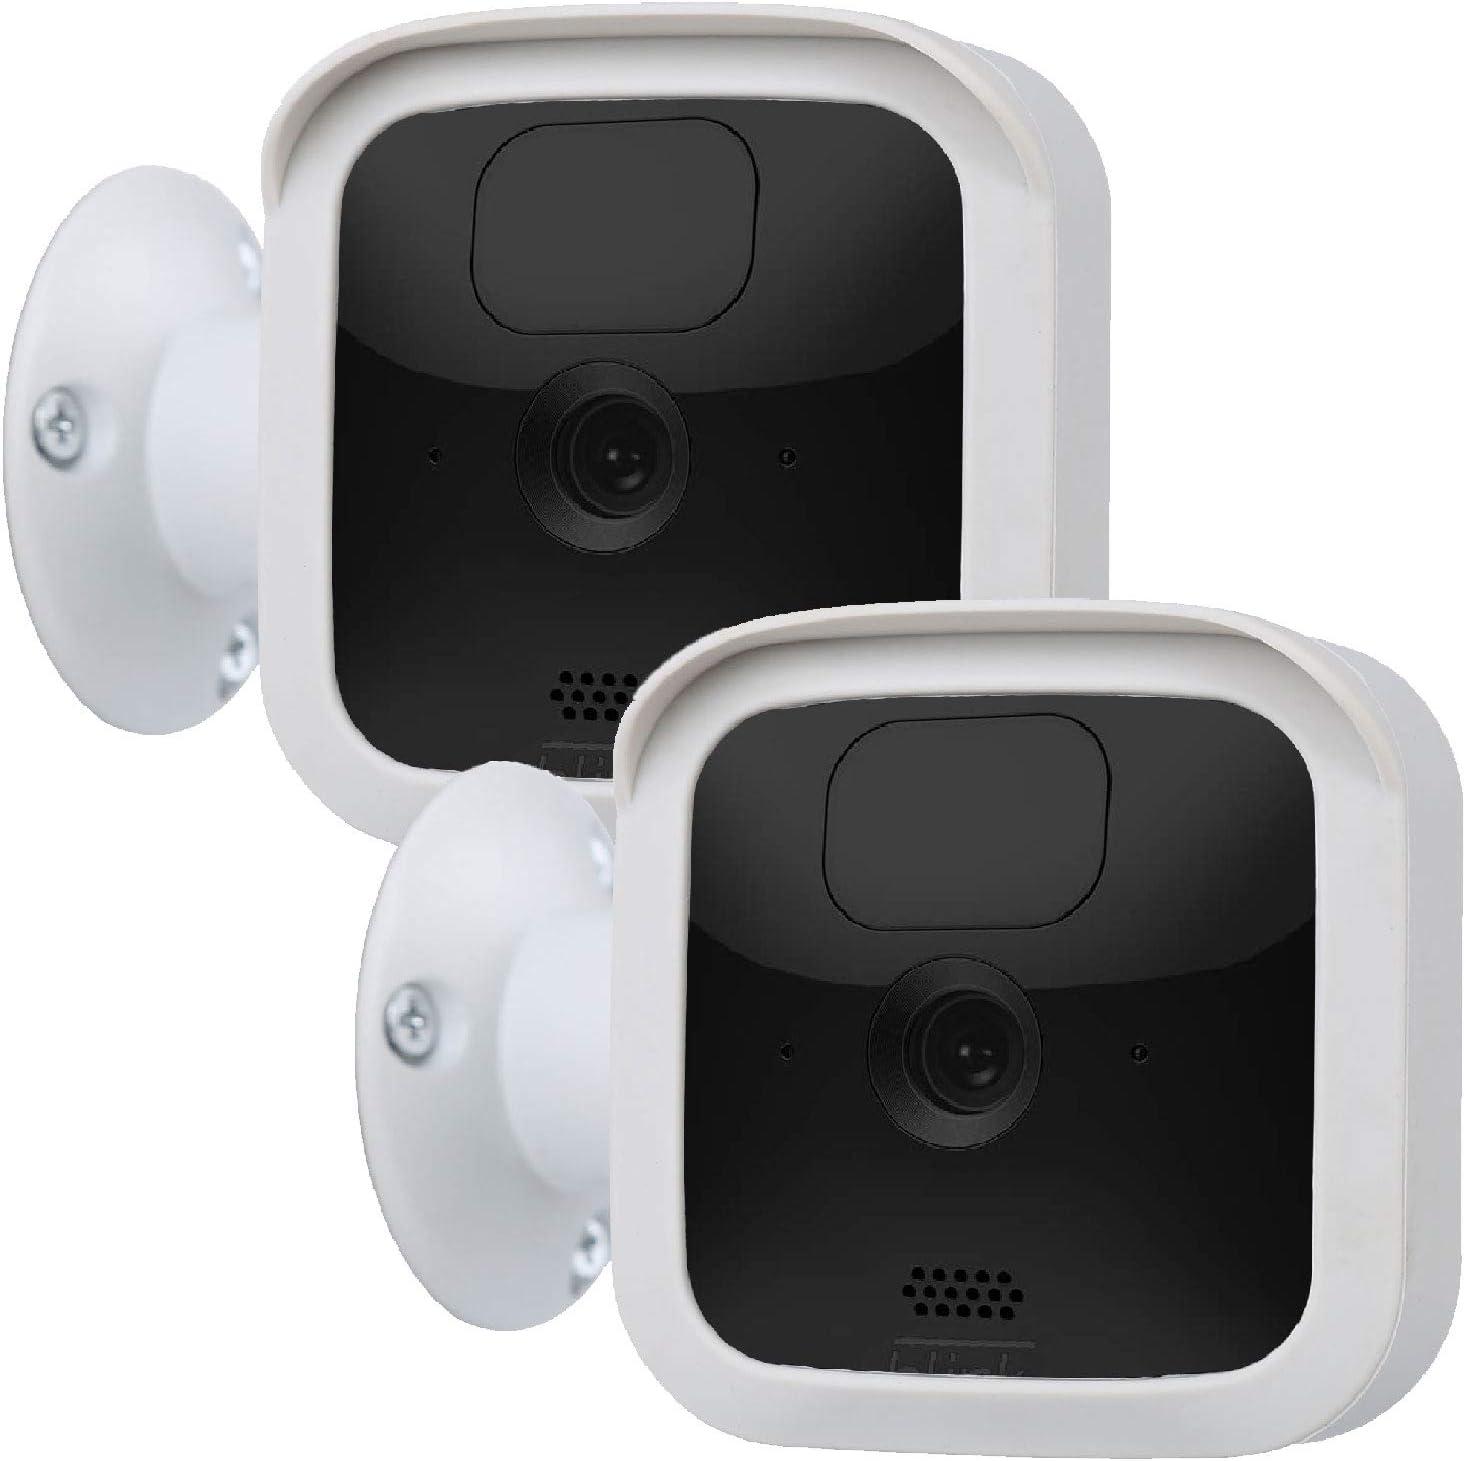 Verstellbare Wandhalterung Und Schutzhülle Silikon Kamera